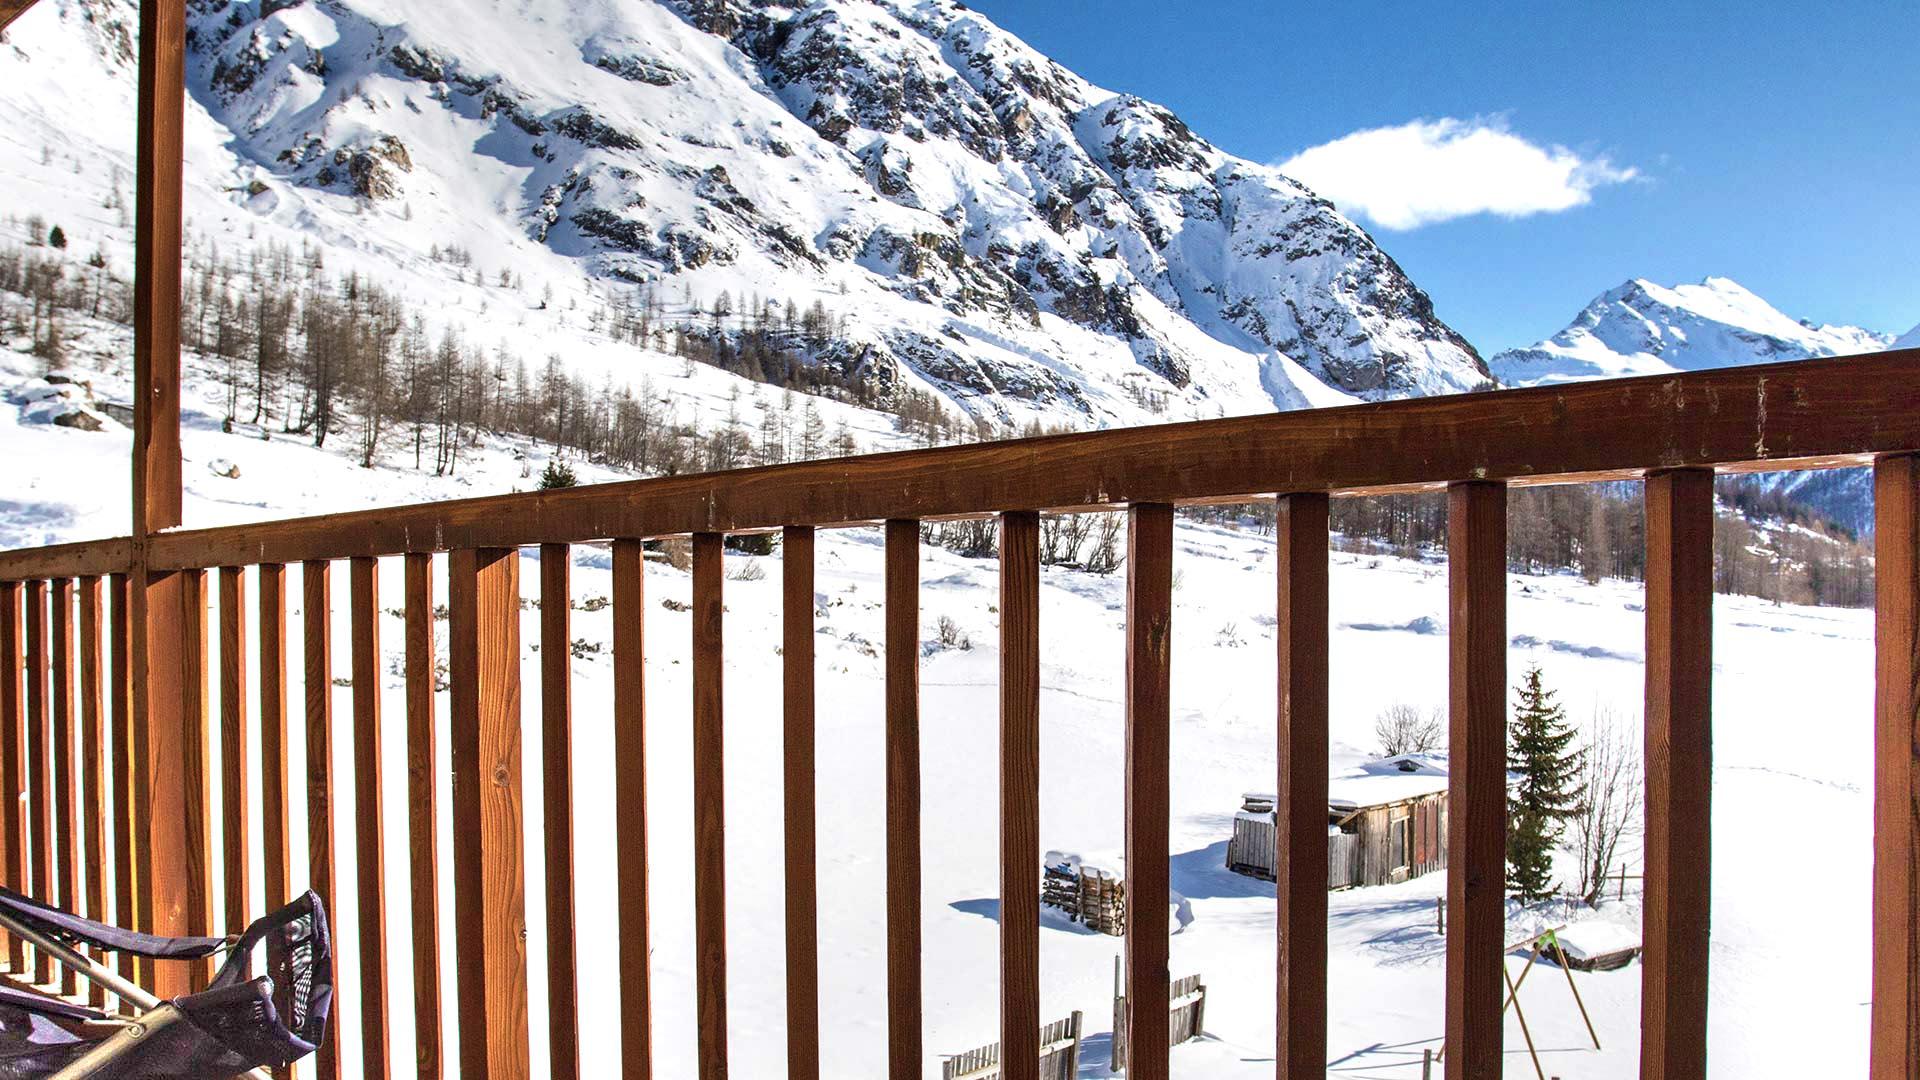 chavonnes-balcon